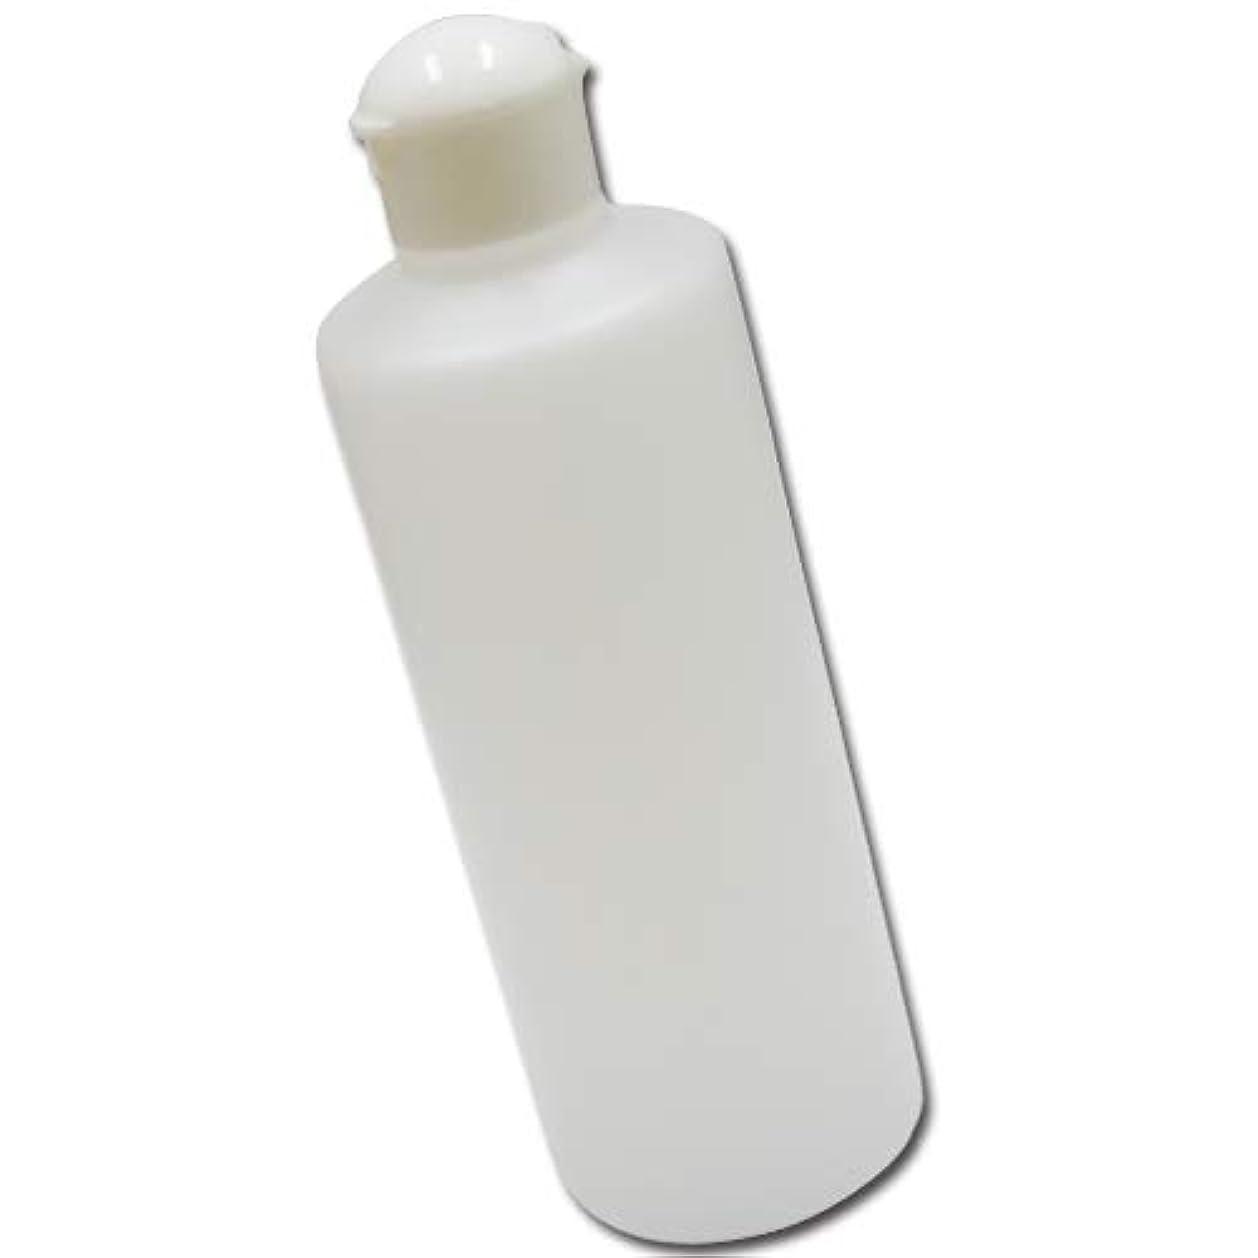 時期尚早欺持続的詰め替え容器ワンタッチキャップ300ml (半透明)│業務用ローションやうがい薬、液体石鹸、調味料、化粧品などの小分けに便利なボトル